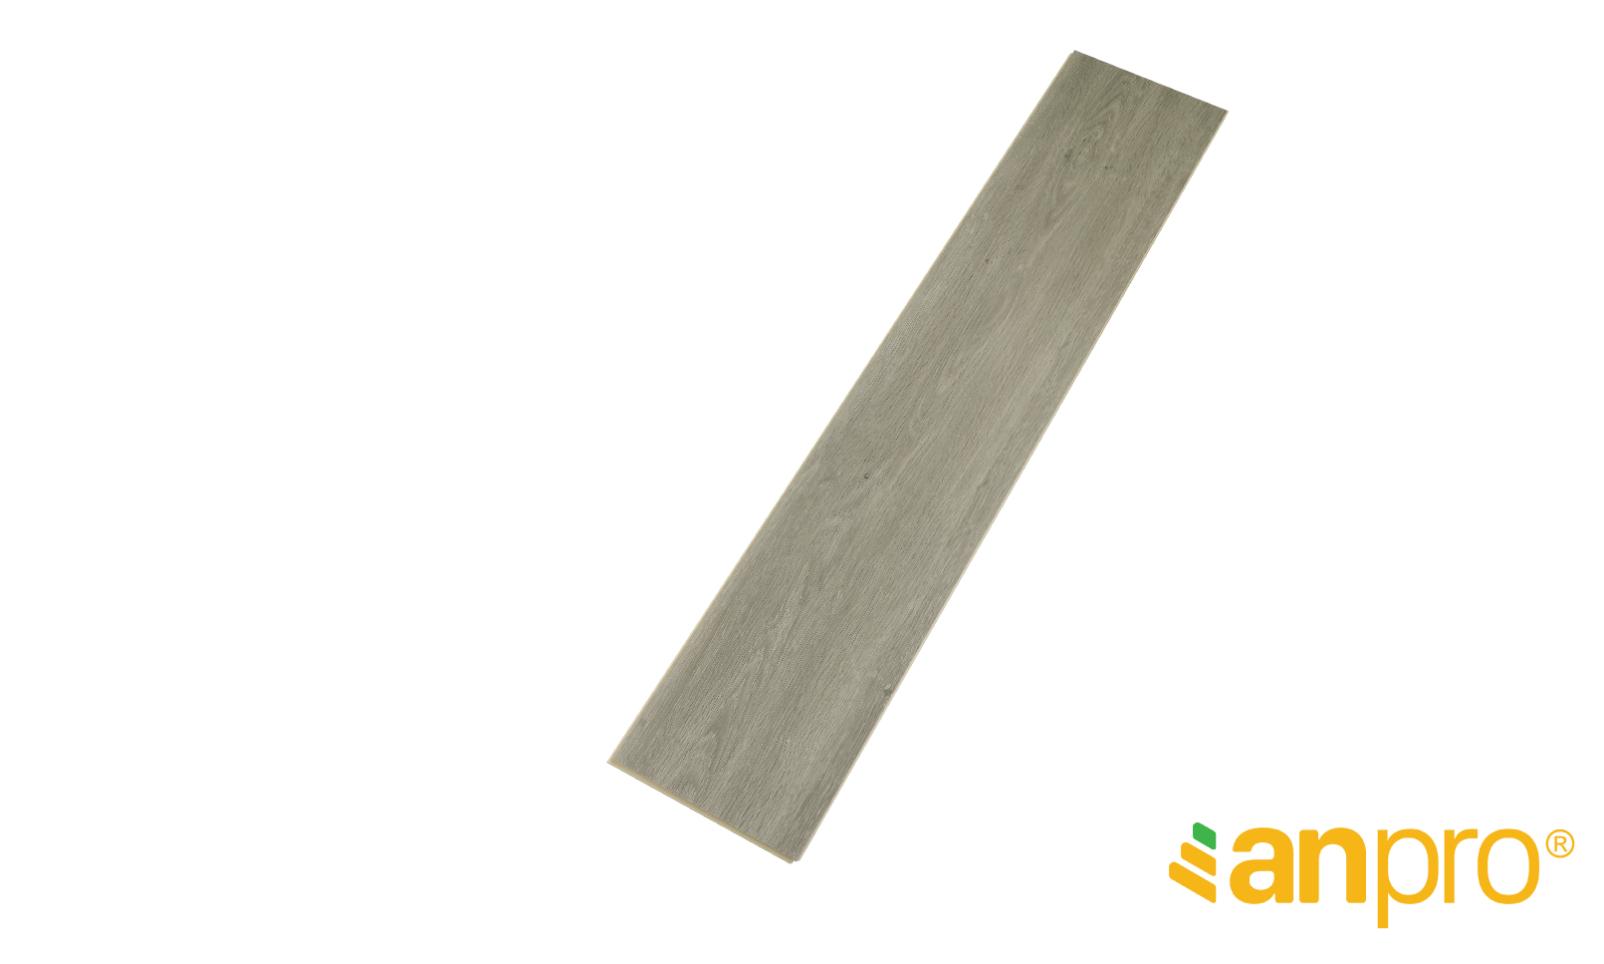 SA89 AnPro - Sàn AnPro vân gỗ SA89